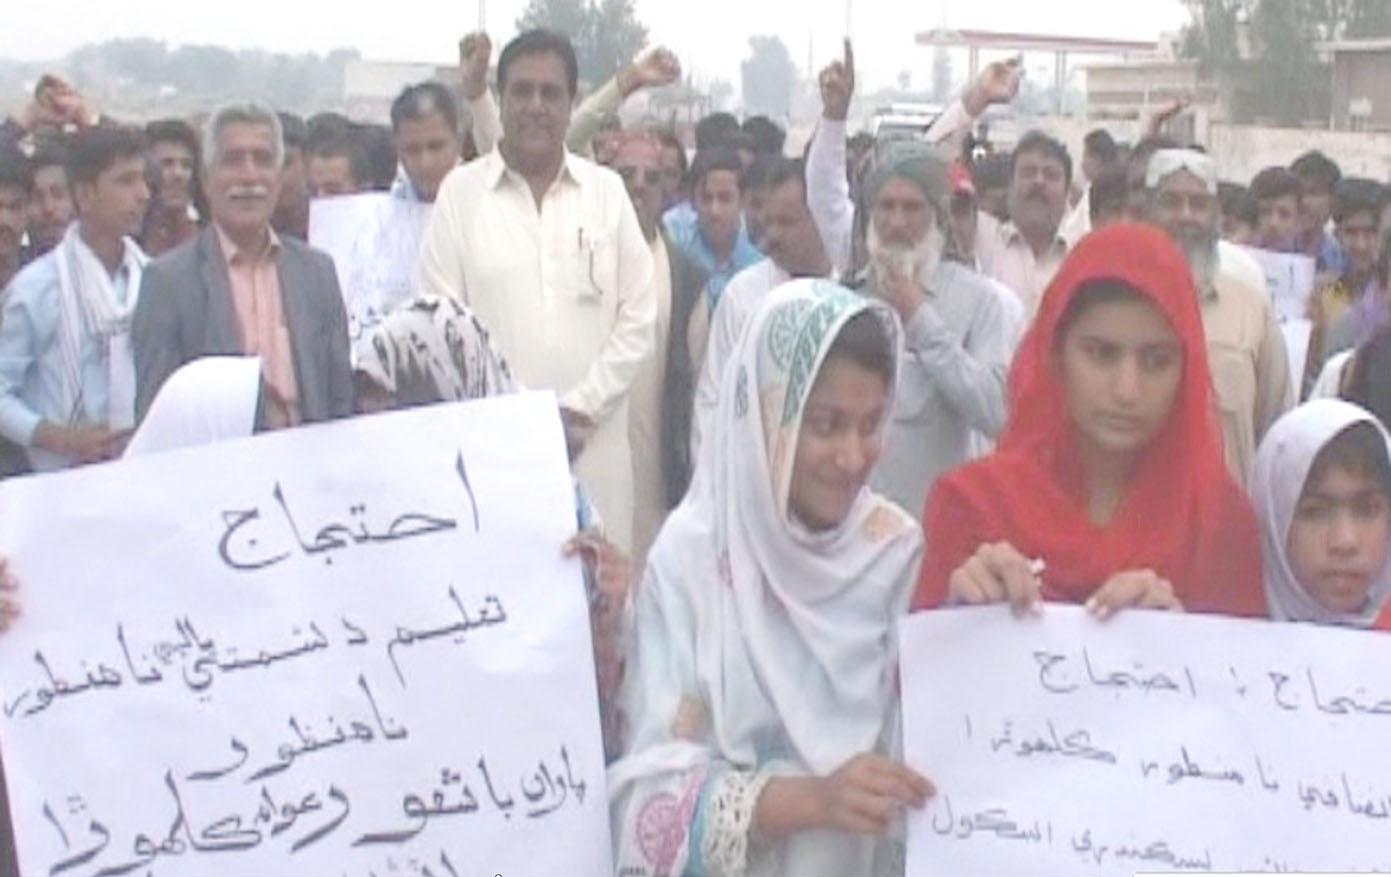 نوشہروفیروز ،کلہوڑو اسٹیشن کے ہائر سیکنڈری اسکول کی طالبات انتظامیہ کے خلاف احتجاج کررہی ہیں